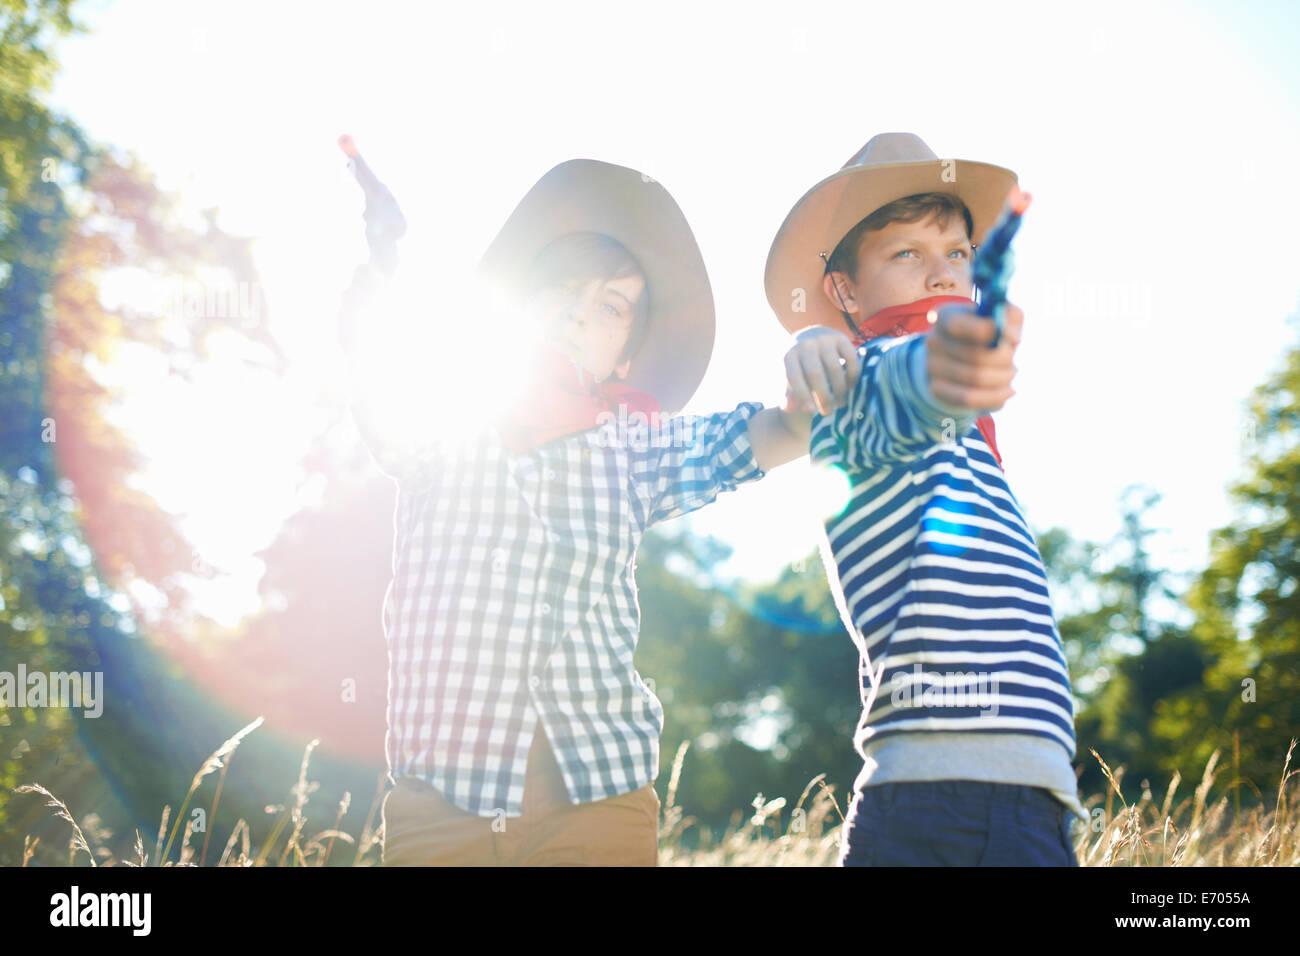 Deux jeunes garçons habillés comme des cowboys, tenant les armes-jouets Photo Stock